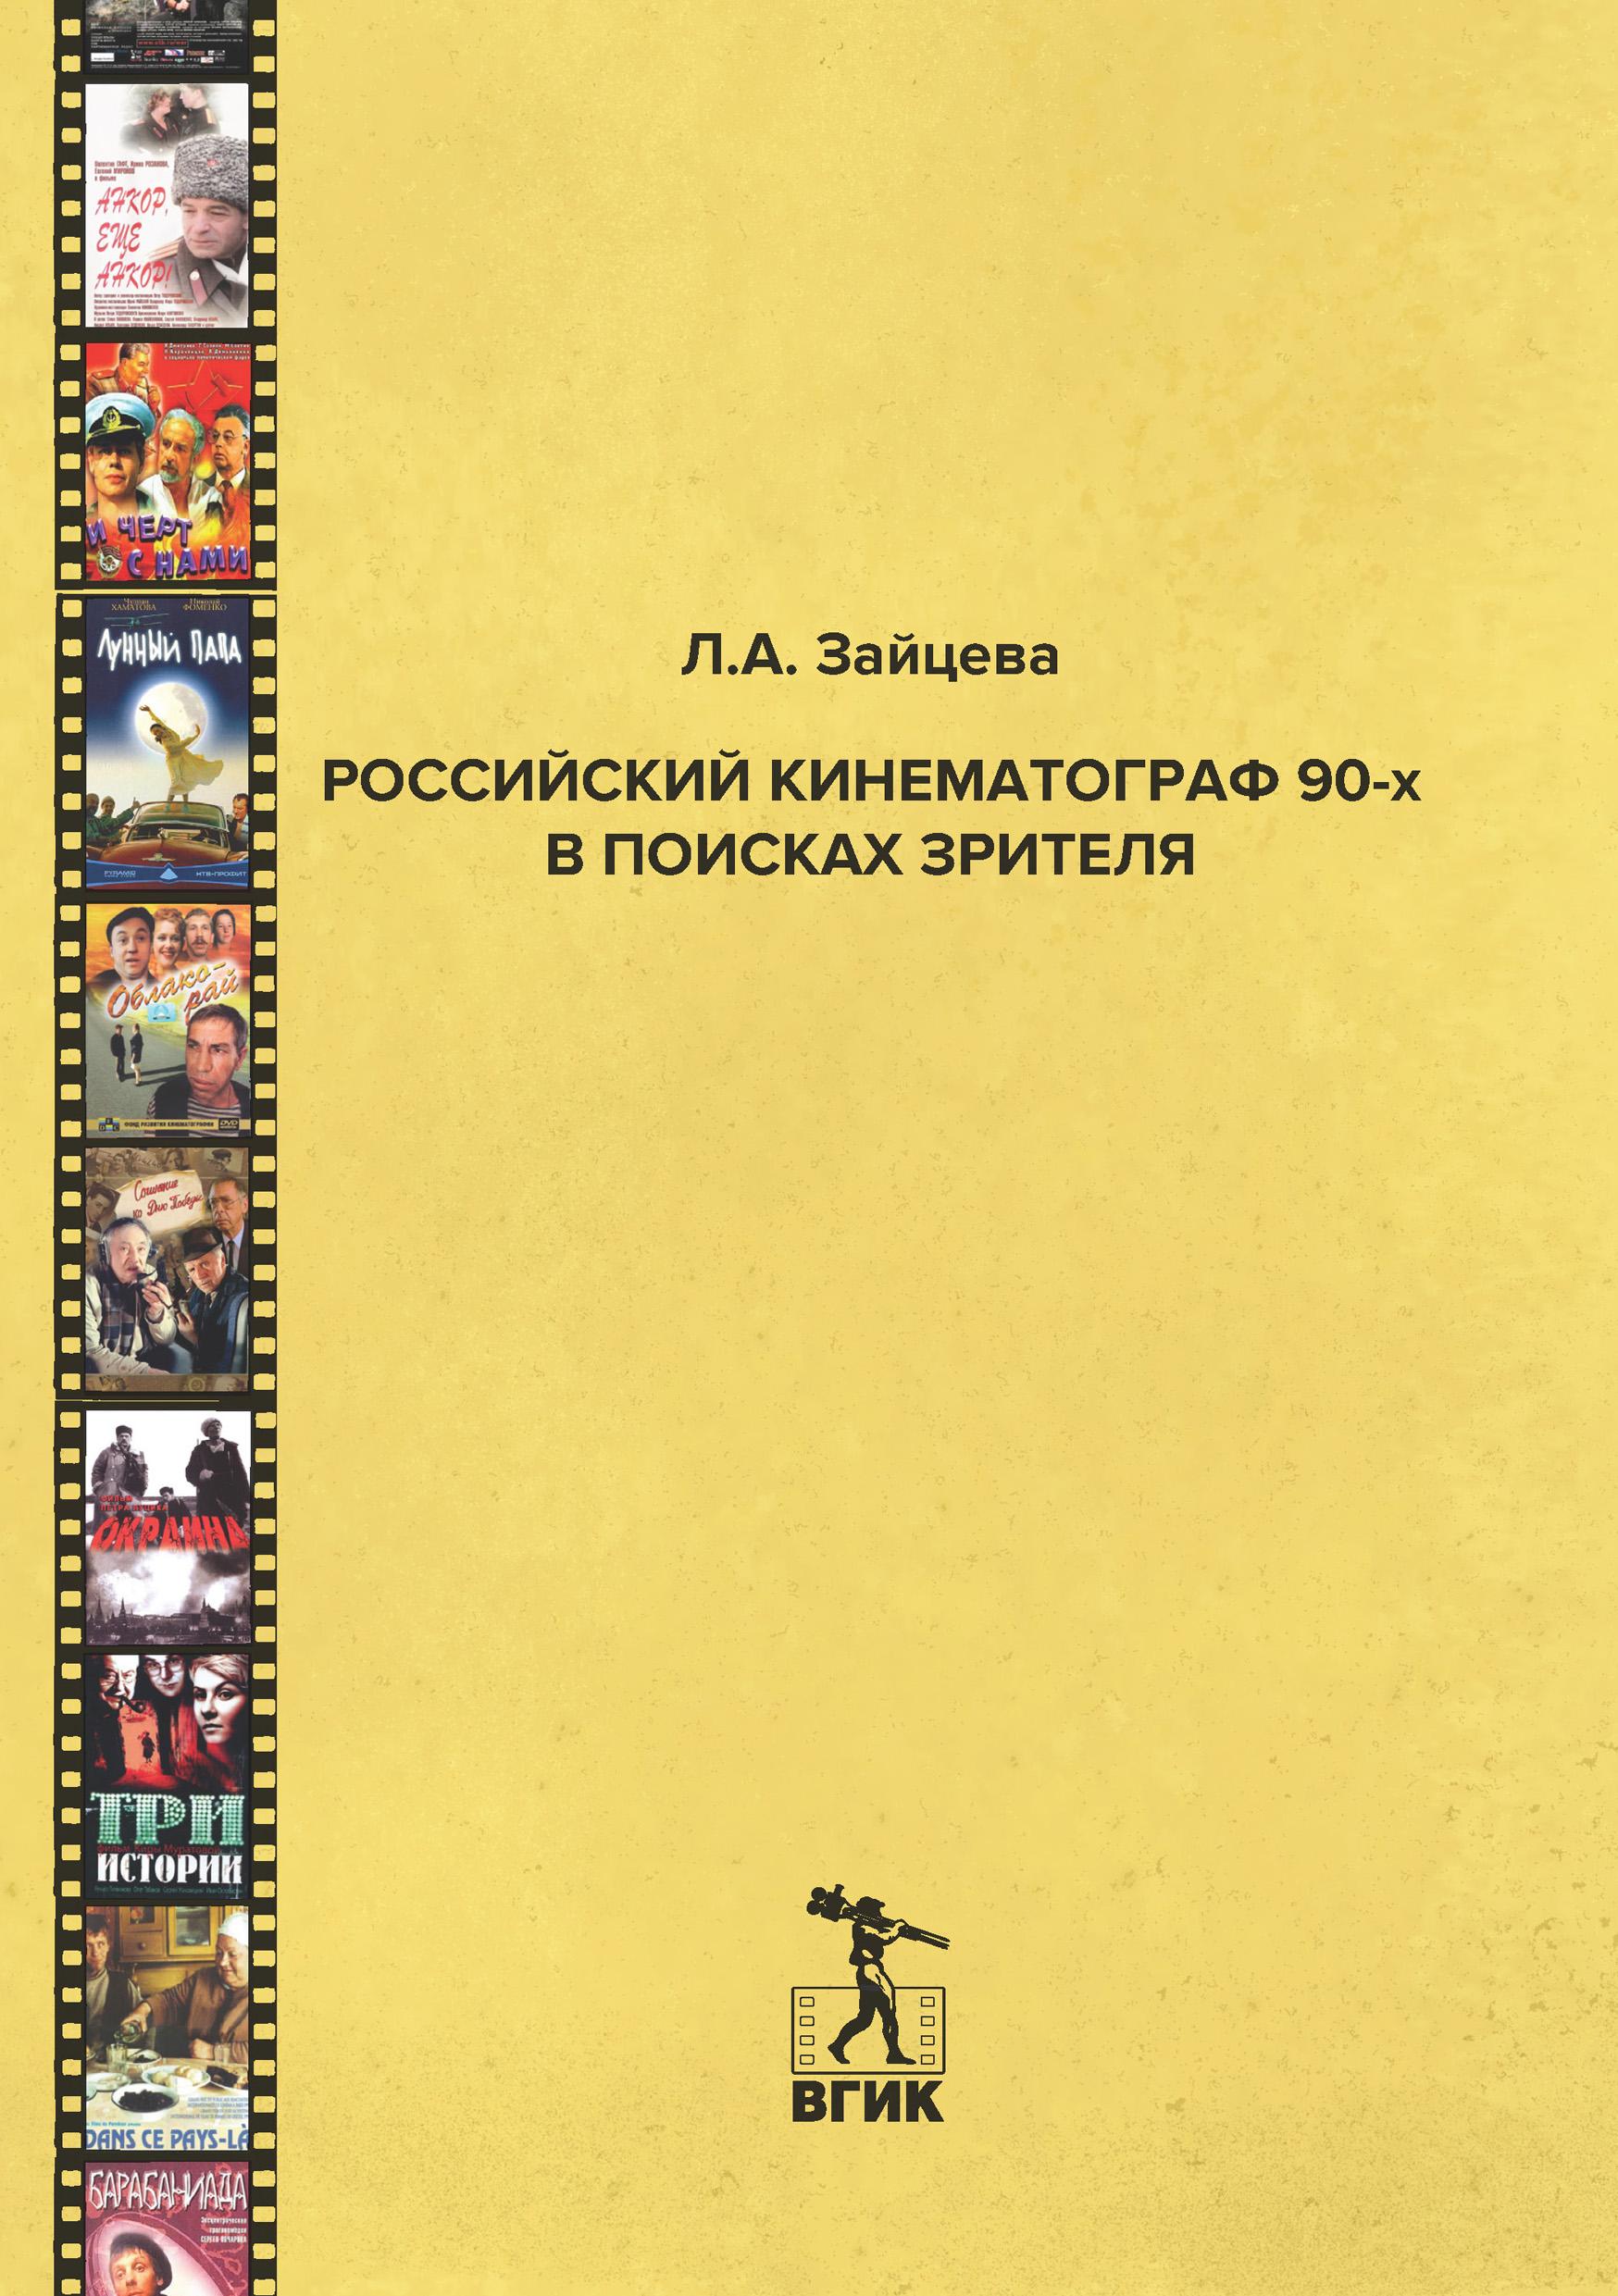 Российский кинематограф 90-х в поисках зрителя